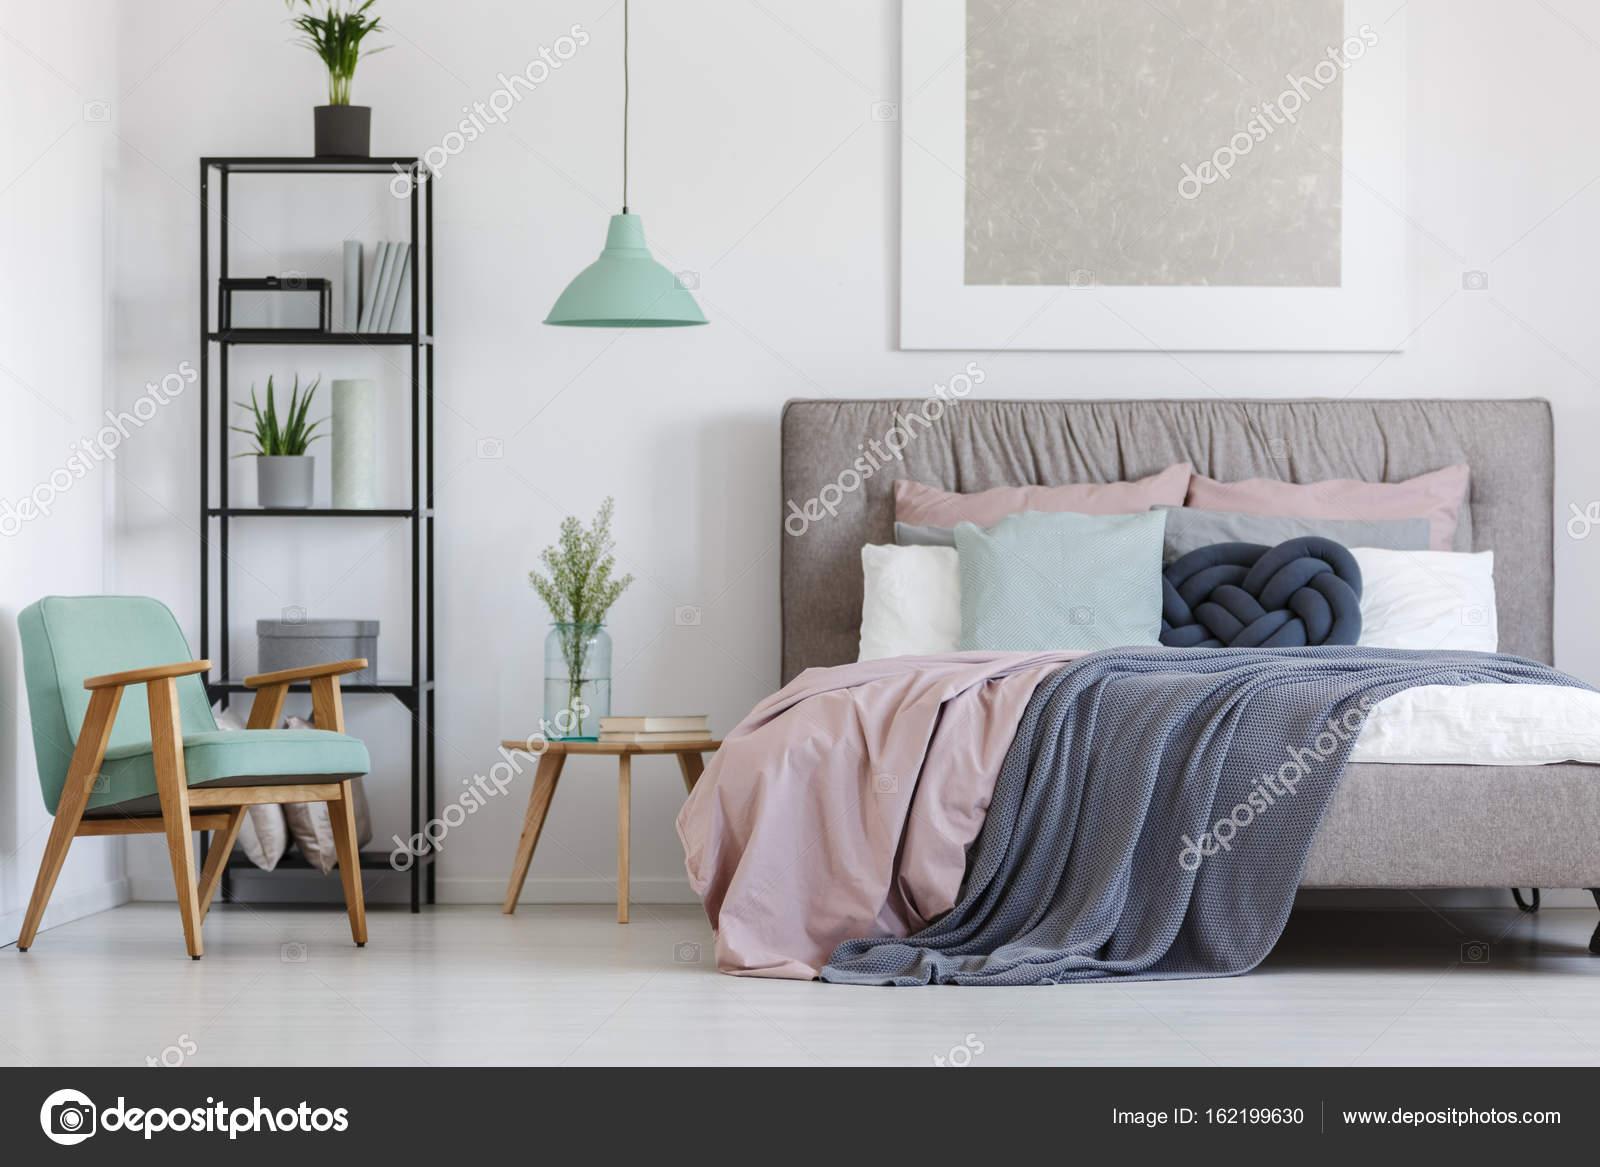 Cama con ropa de cama de colores pastel — Foto de stock ...